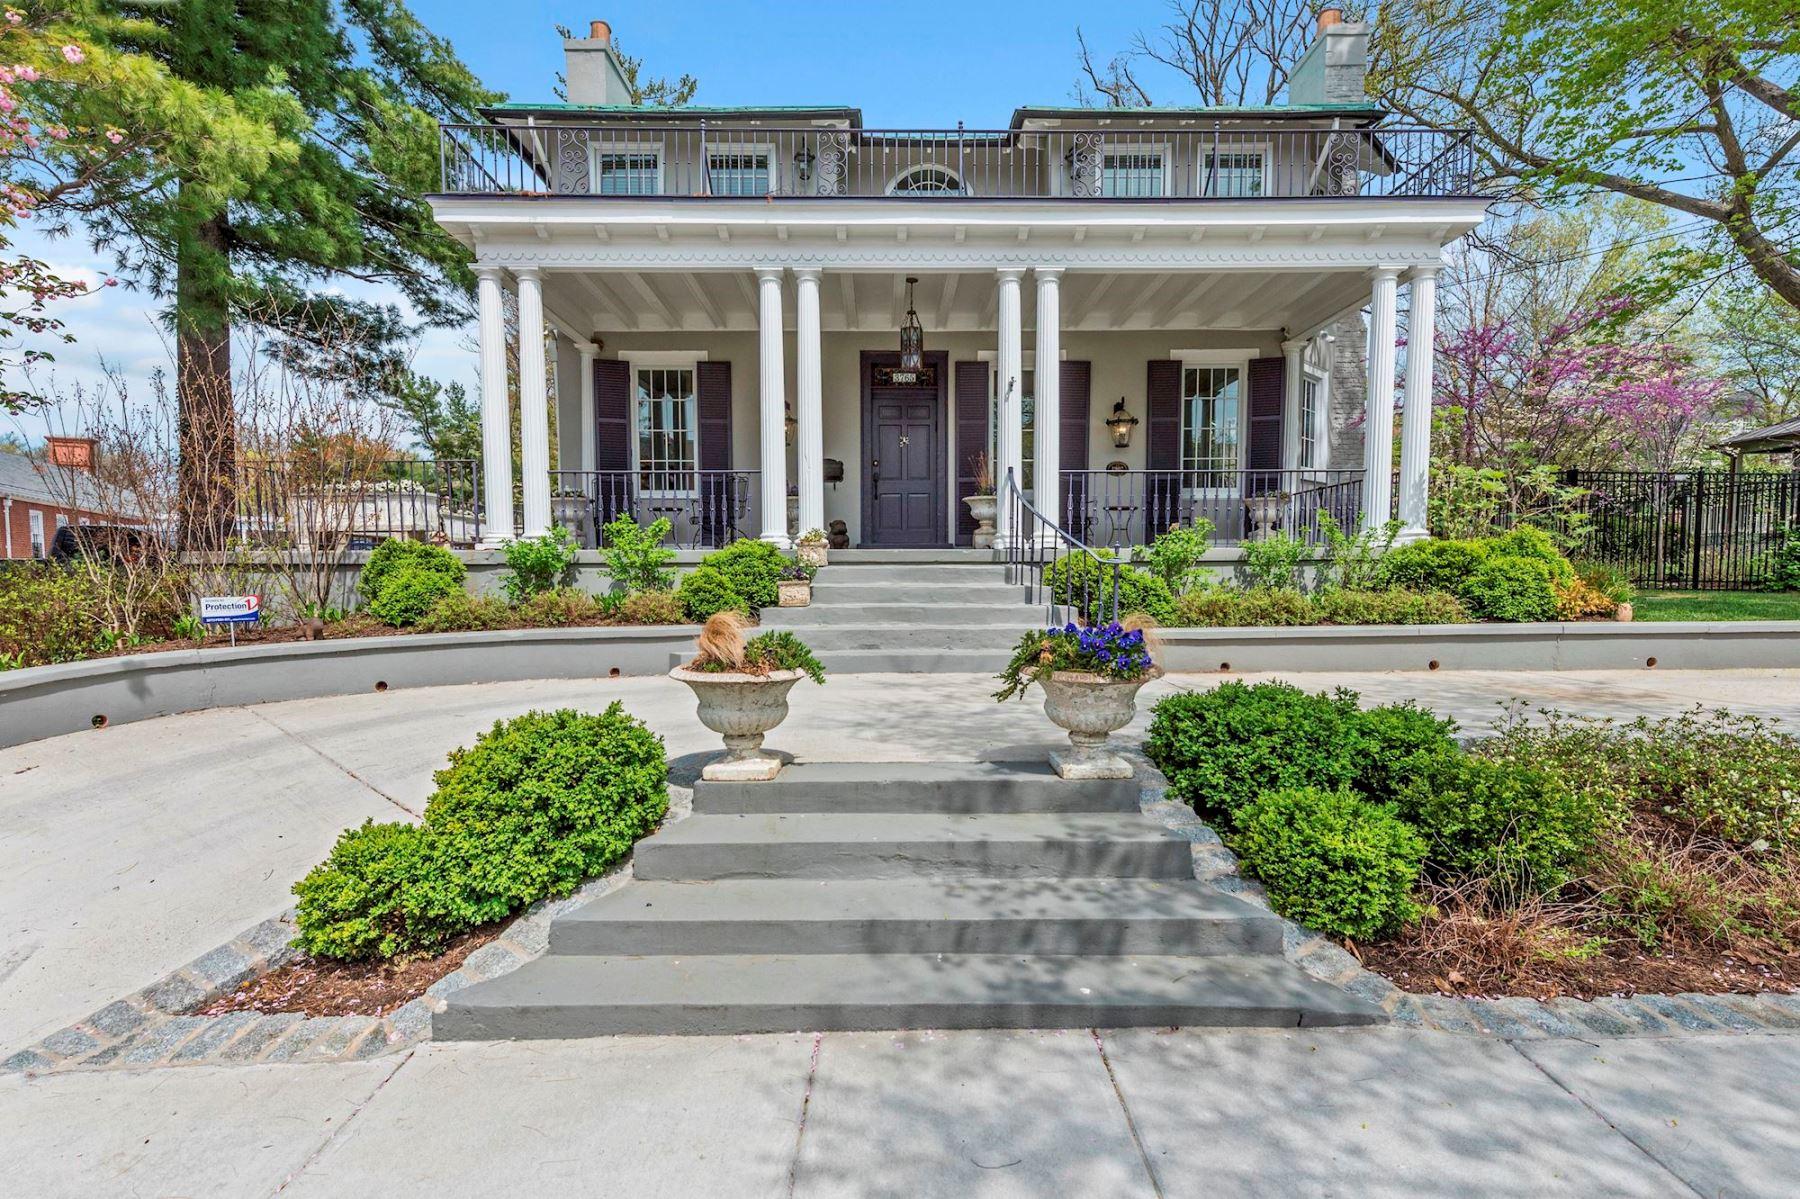 Maison unifamiliale pour l Vente à 3765 Northampton Street, Washington Washington, District De Columbia, 20015 États-Unis